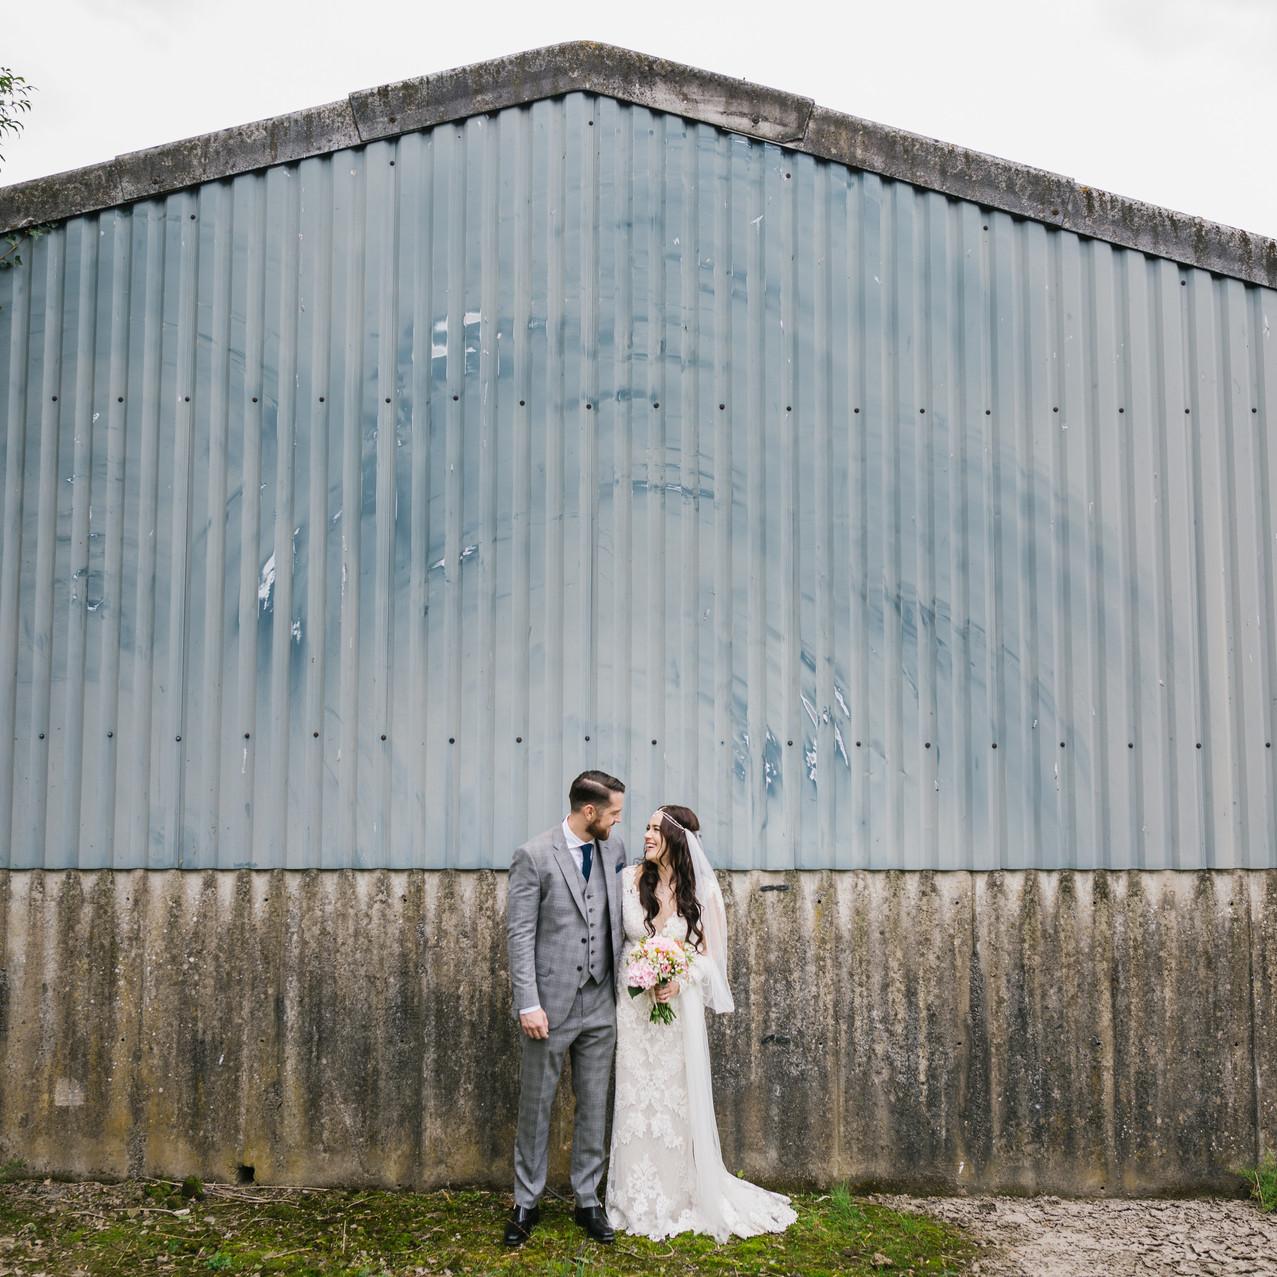 Caerhyn_Farm_Wedding_Photography_Lauren_Barry-682